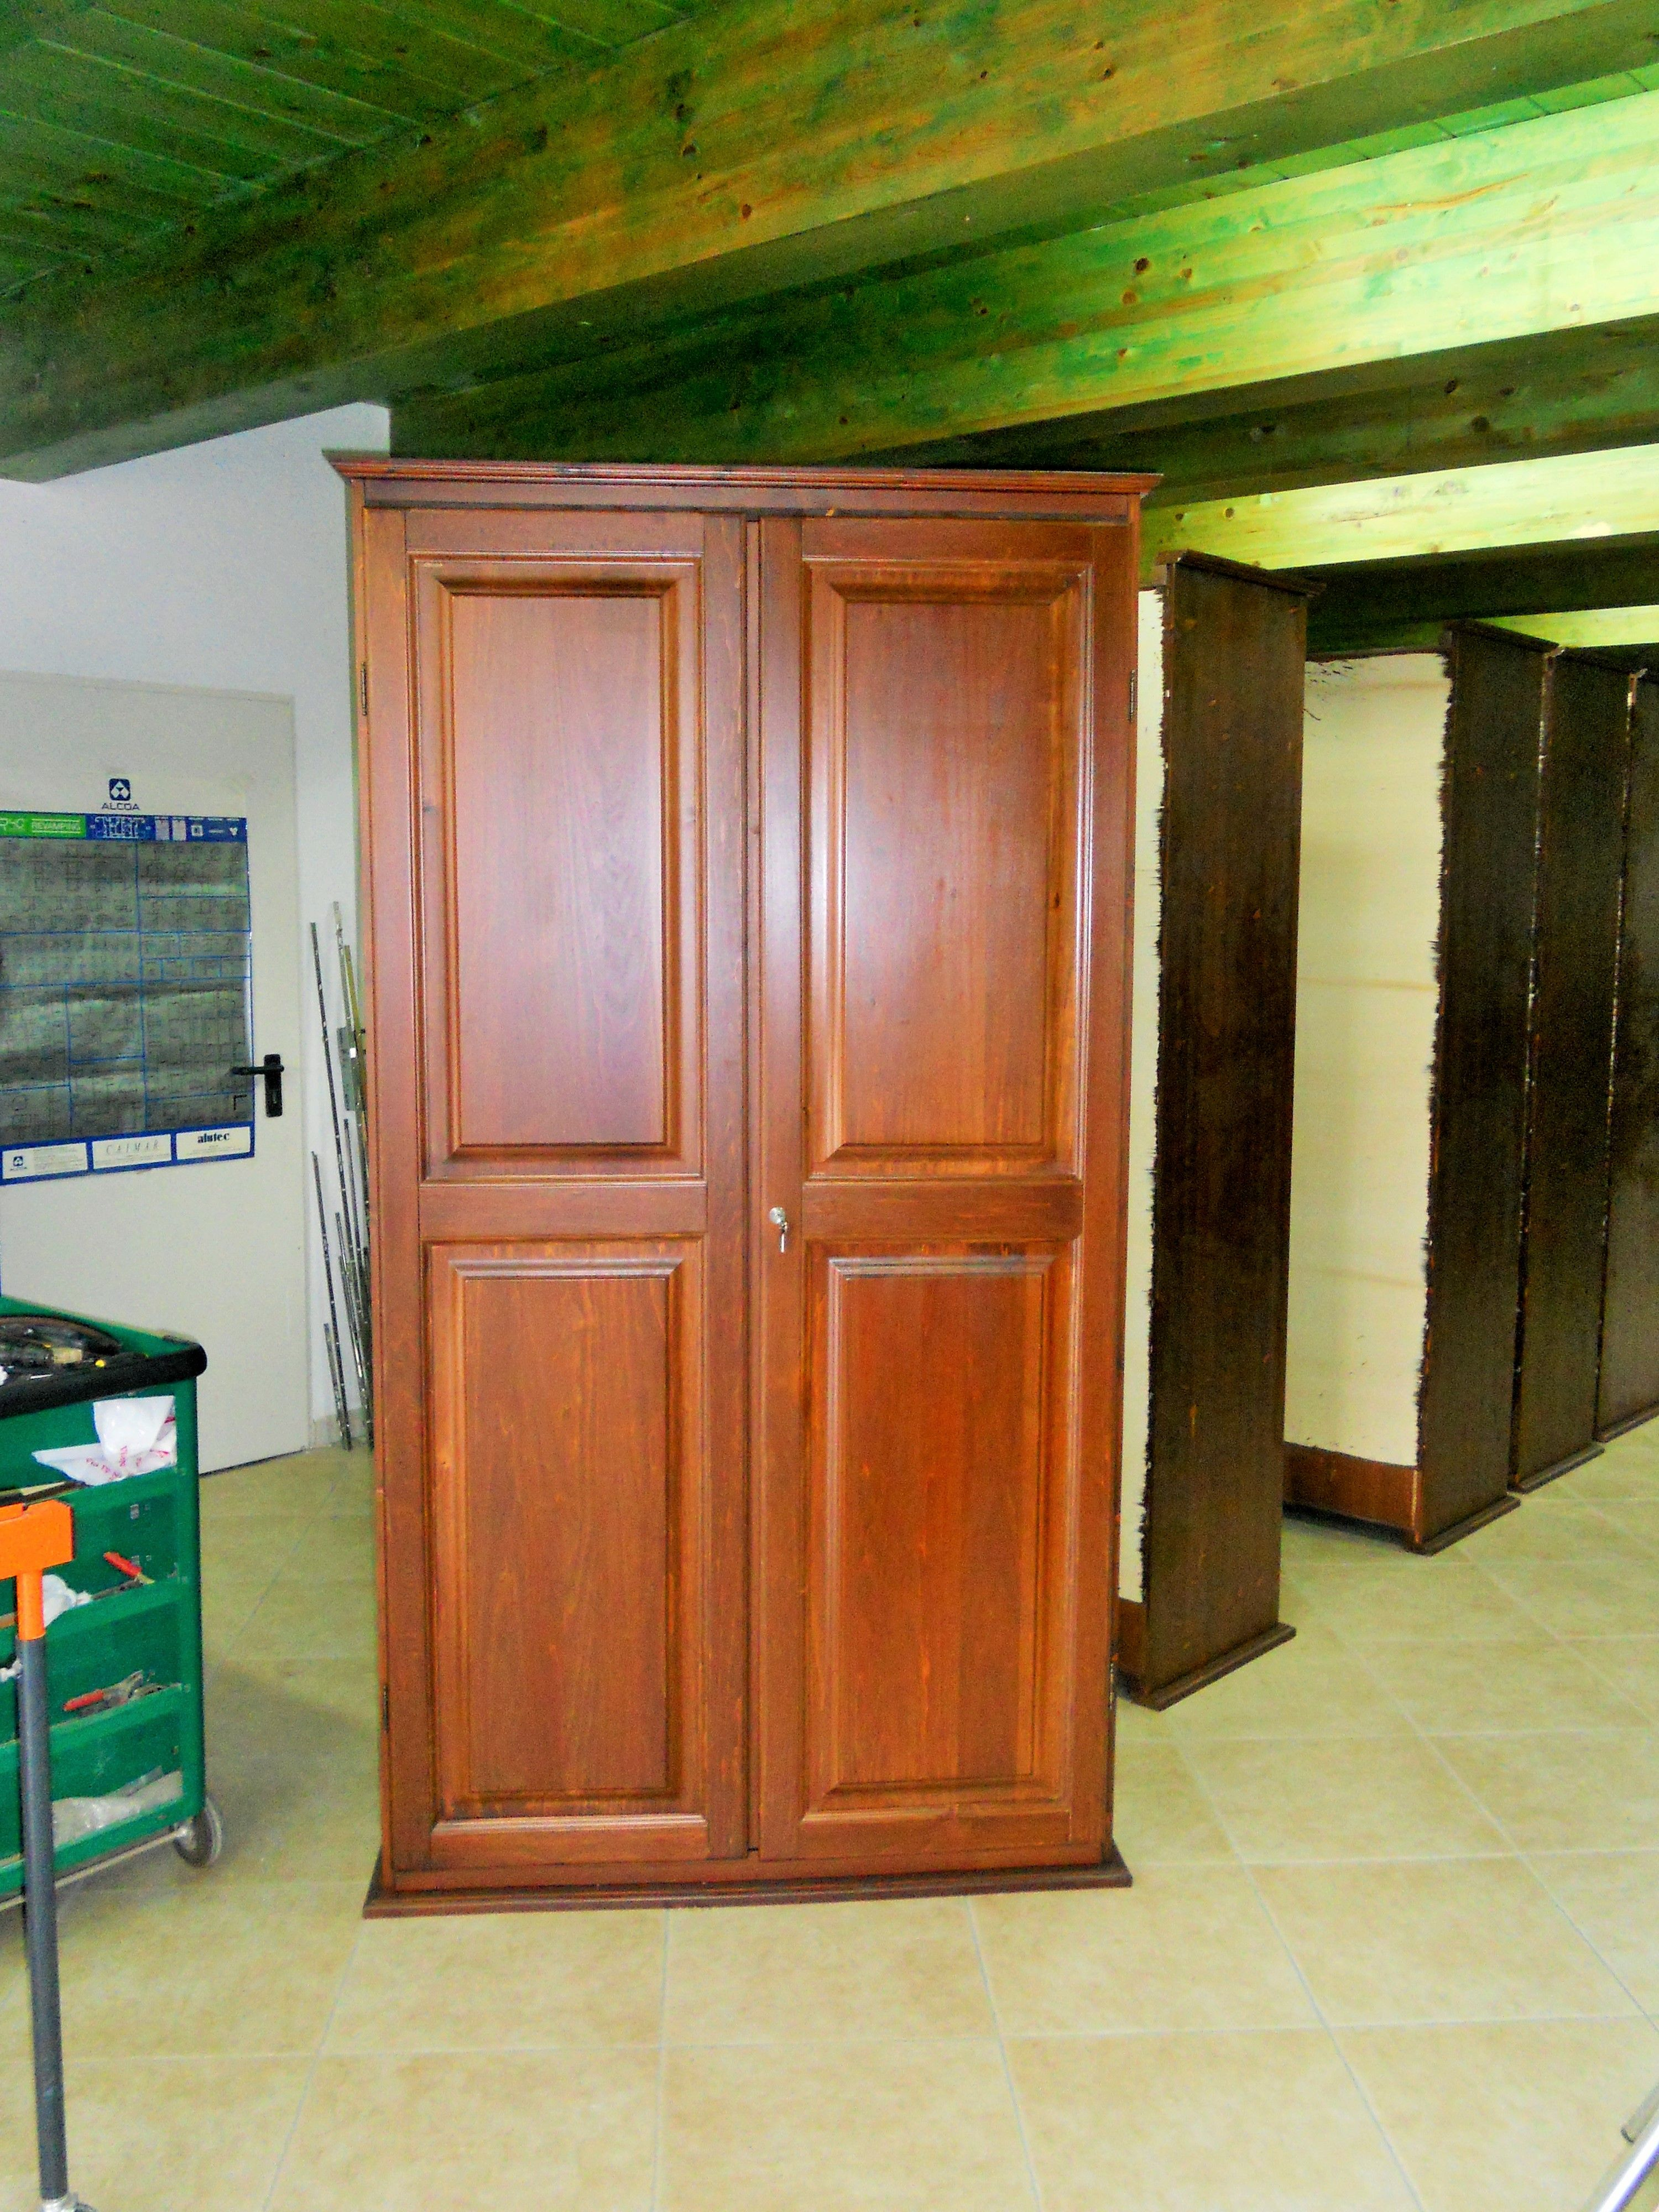 armadii-armadia muri-armadi in legno | Arredamento ...